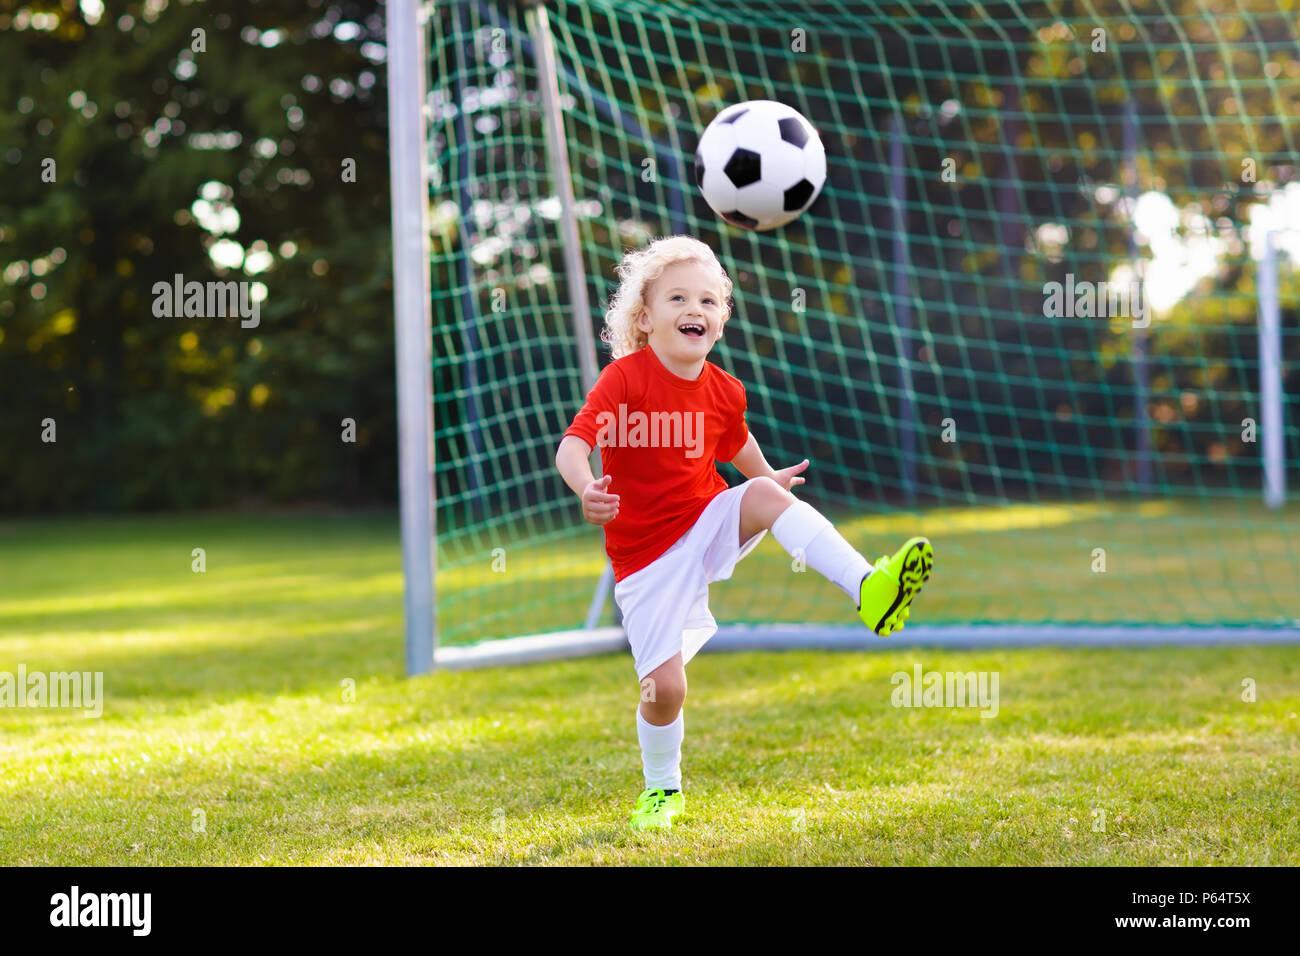 Soccer Play Boy Kick Goal Ball Imágenes De Stock   Soccer Play Boy ... edbc9595de1a5